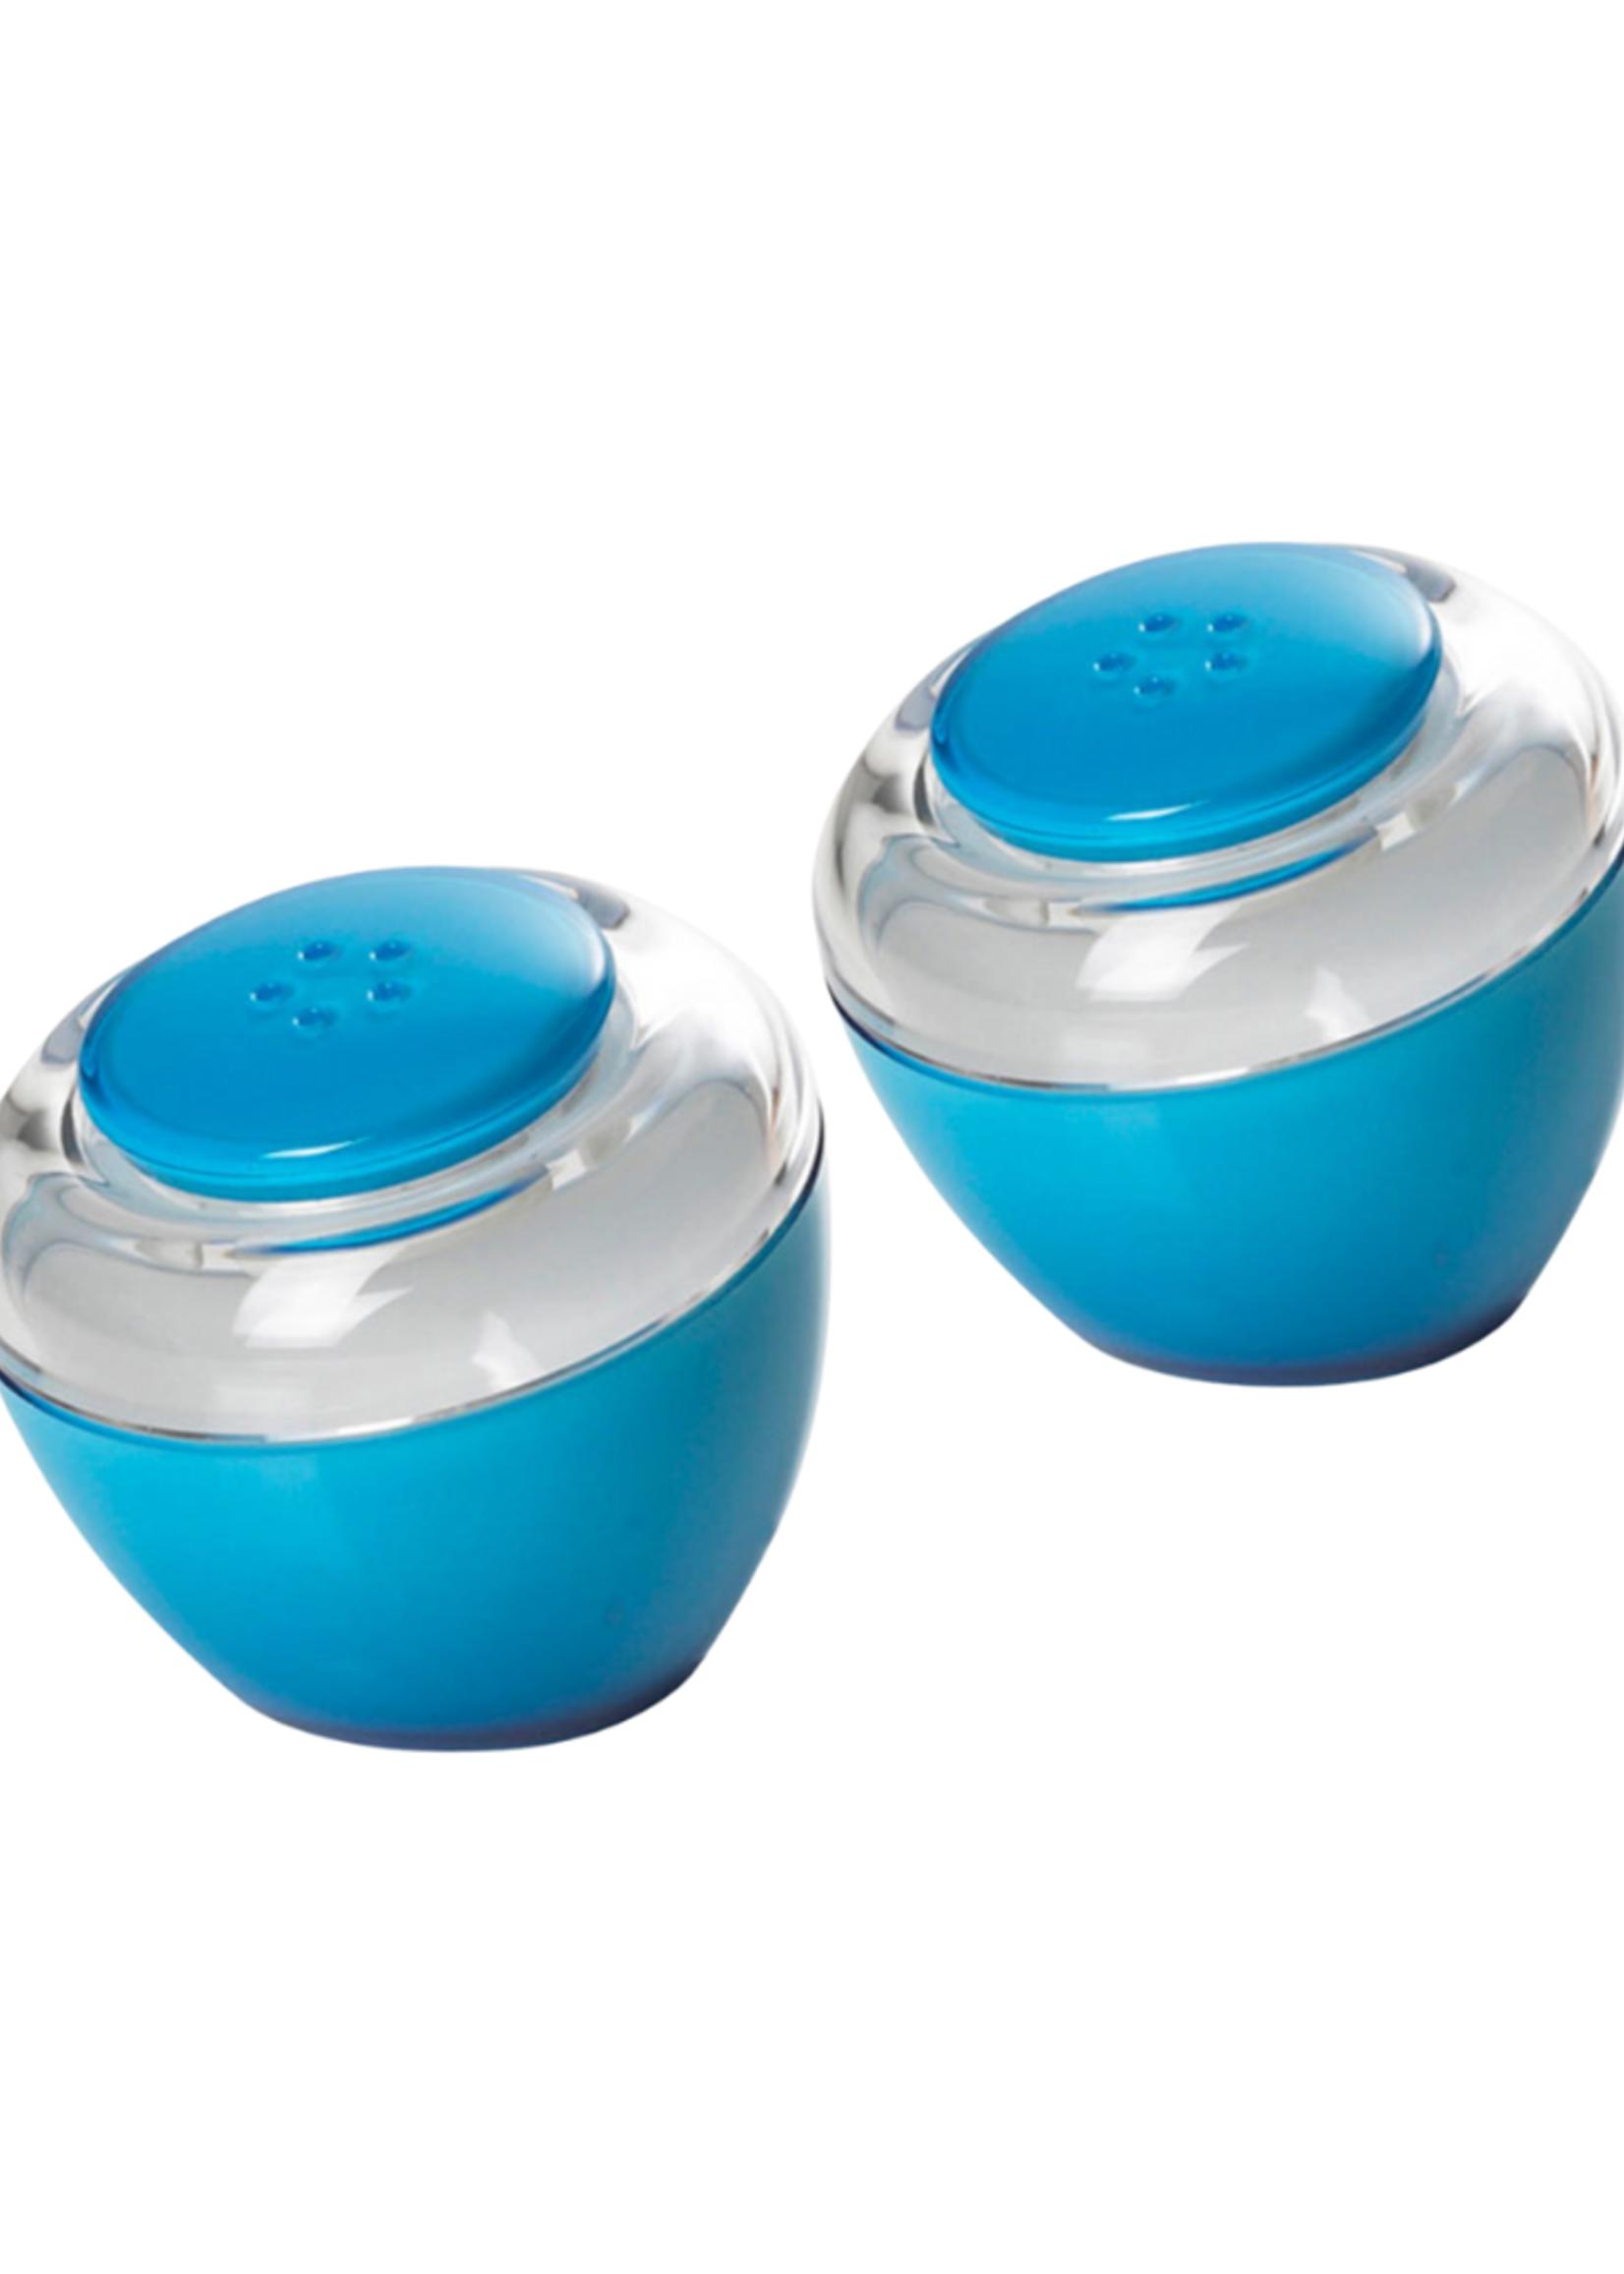 Turquoise Acrylic Salt Shakers